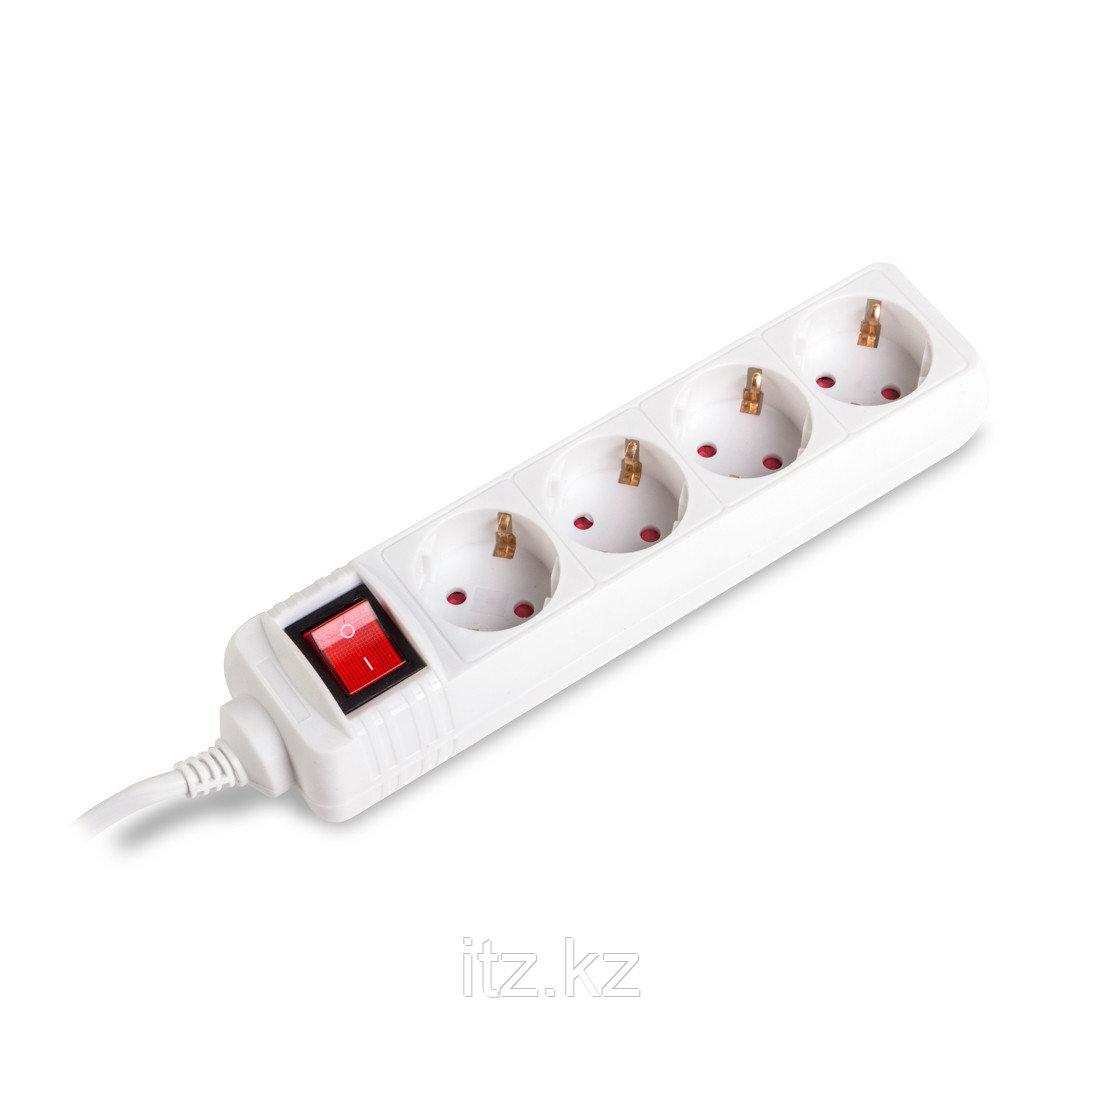 Сетевой фильтр iPower L4S10m 10 м. 220 в.